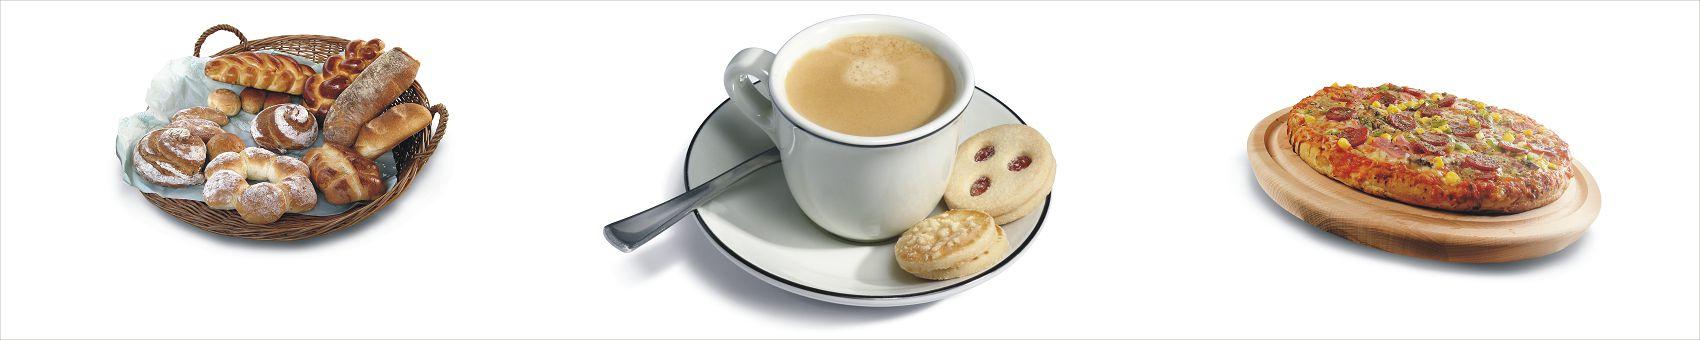 Чашка кофе с выпечкой